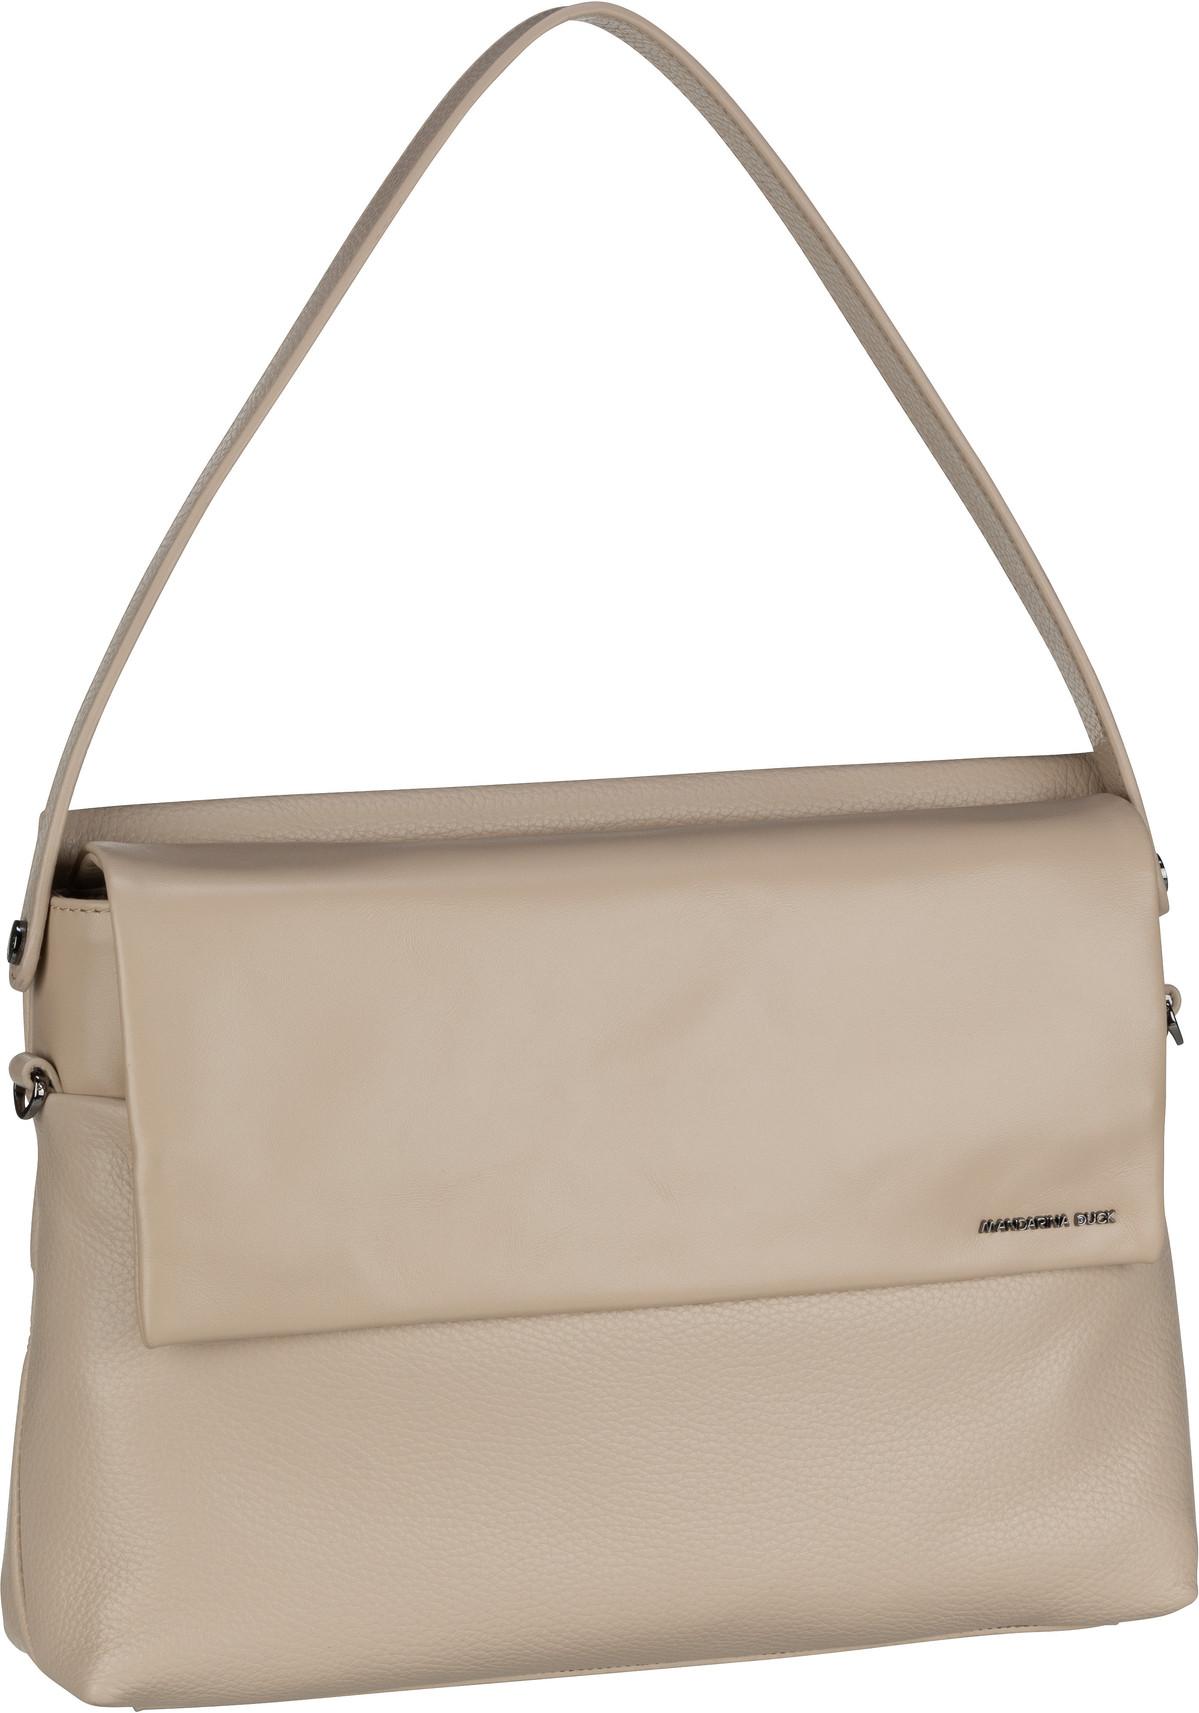 Handtasche Athena Shoulder Bag UPT13 Irish Cream